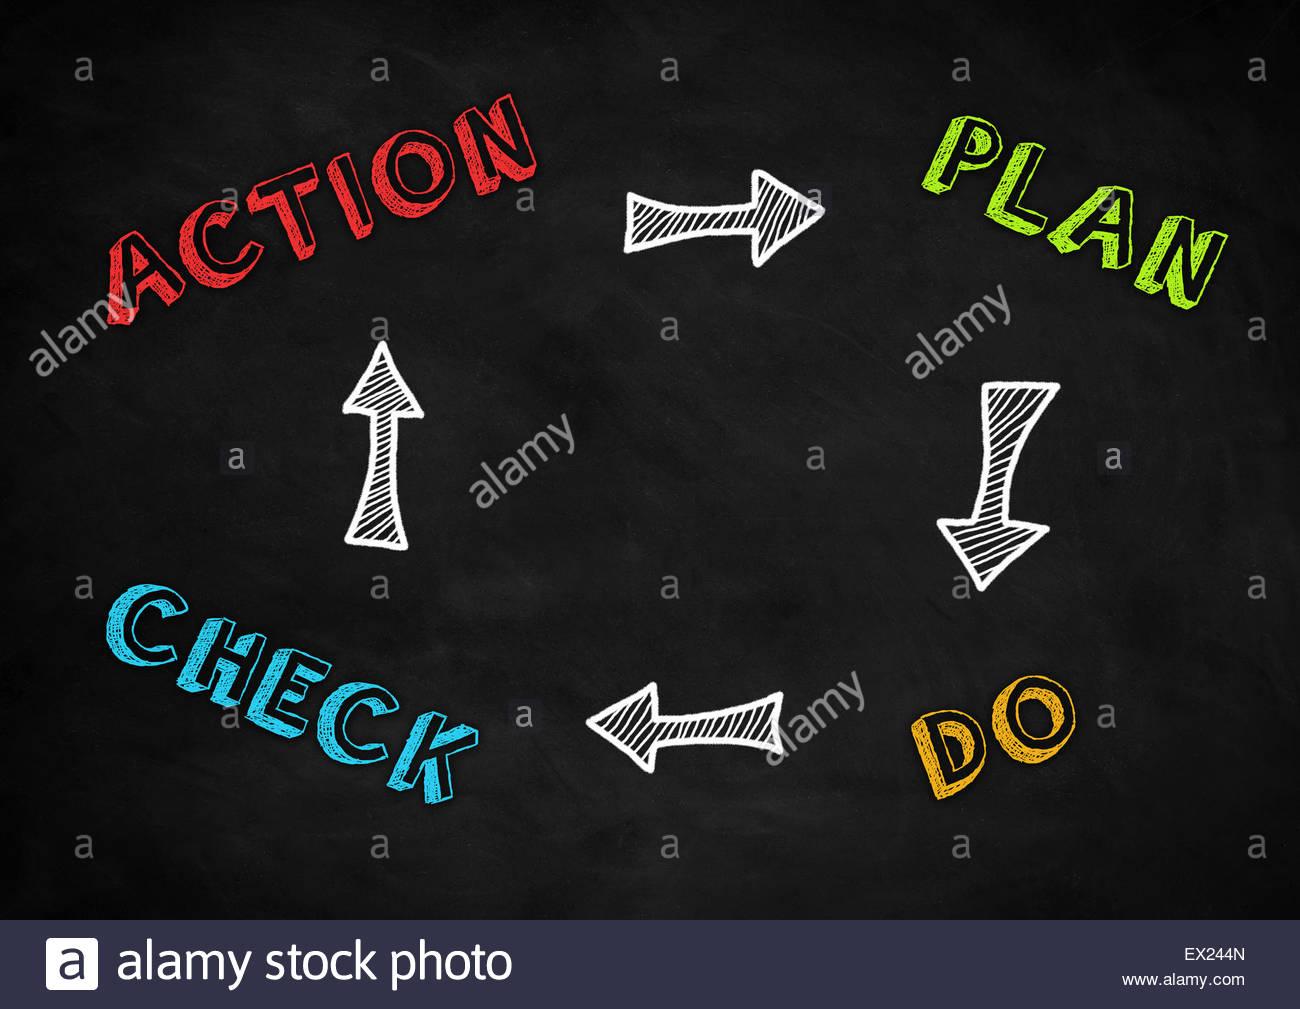 Plan de acción hacer verificar el concepto de círculo Imagen De Stock